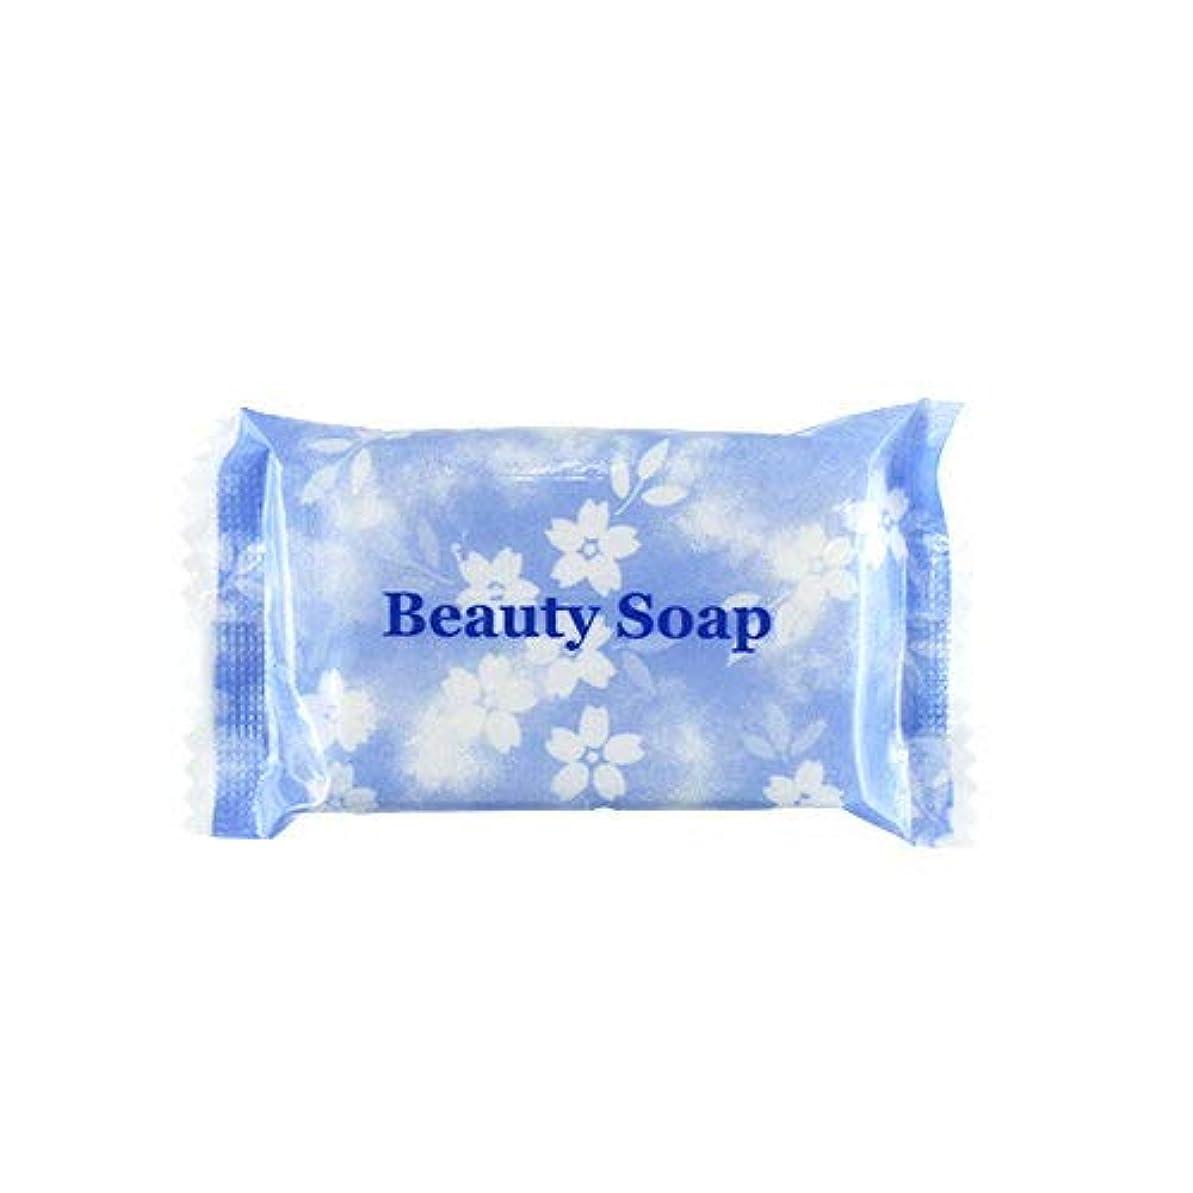 甘味どちらか適切な業務用 クロバーコーポレーション ビューティーソープ(Beauty Soap) 15g×80個セット | ホテルアメニティ 個包装